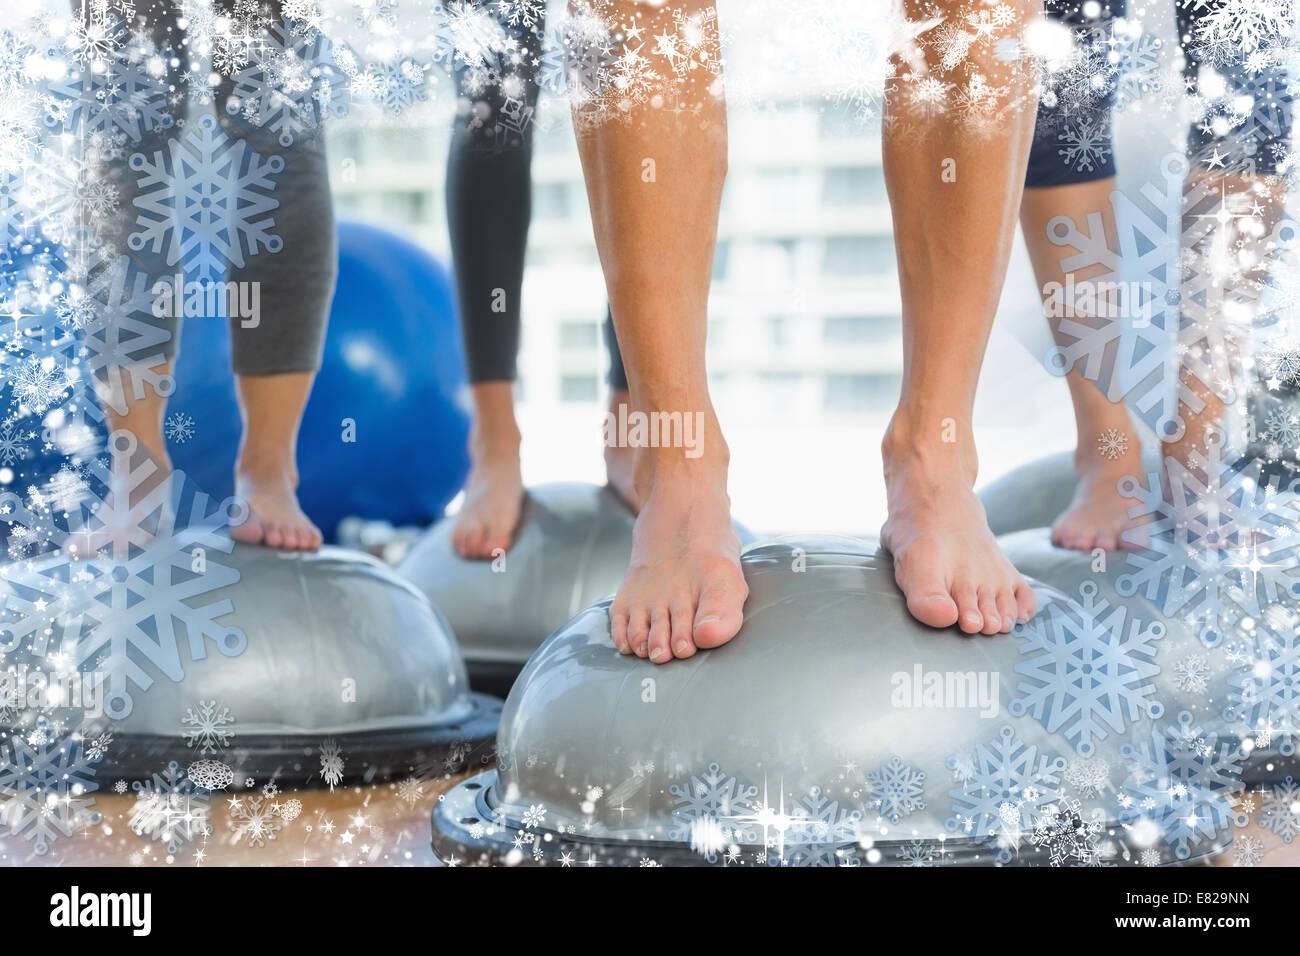 La section basse de l'ajustement permanent des gens sur l'équipement d'exercice Photo Stock